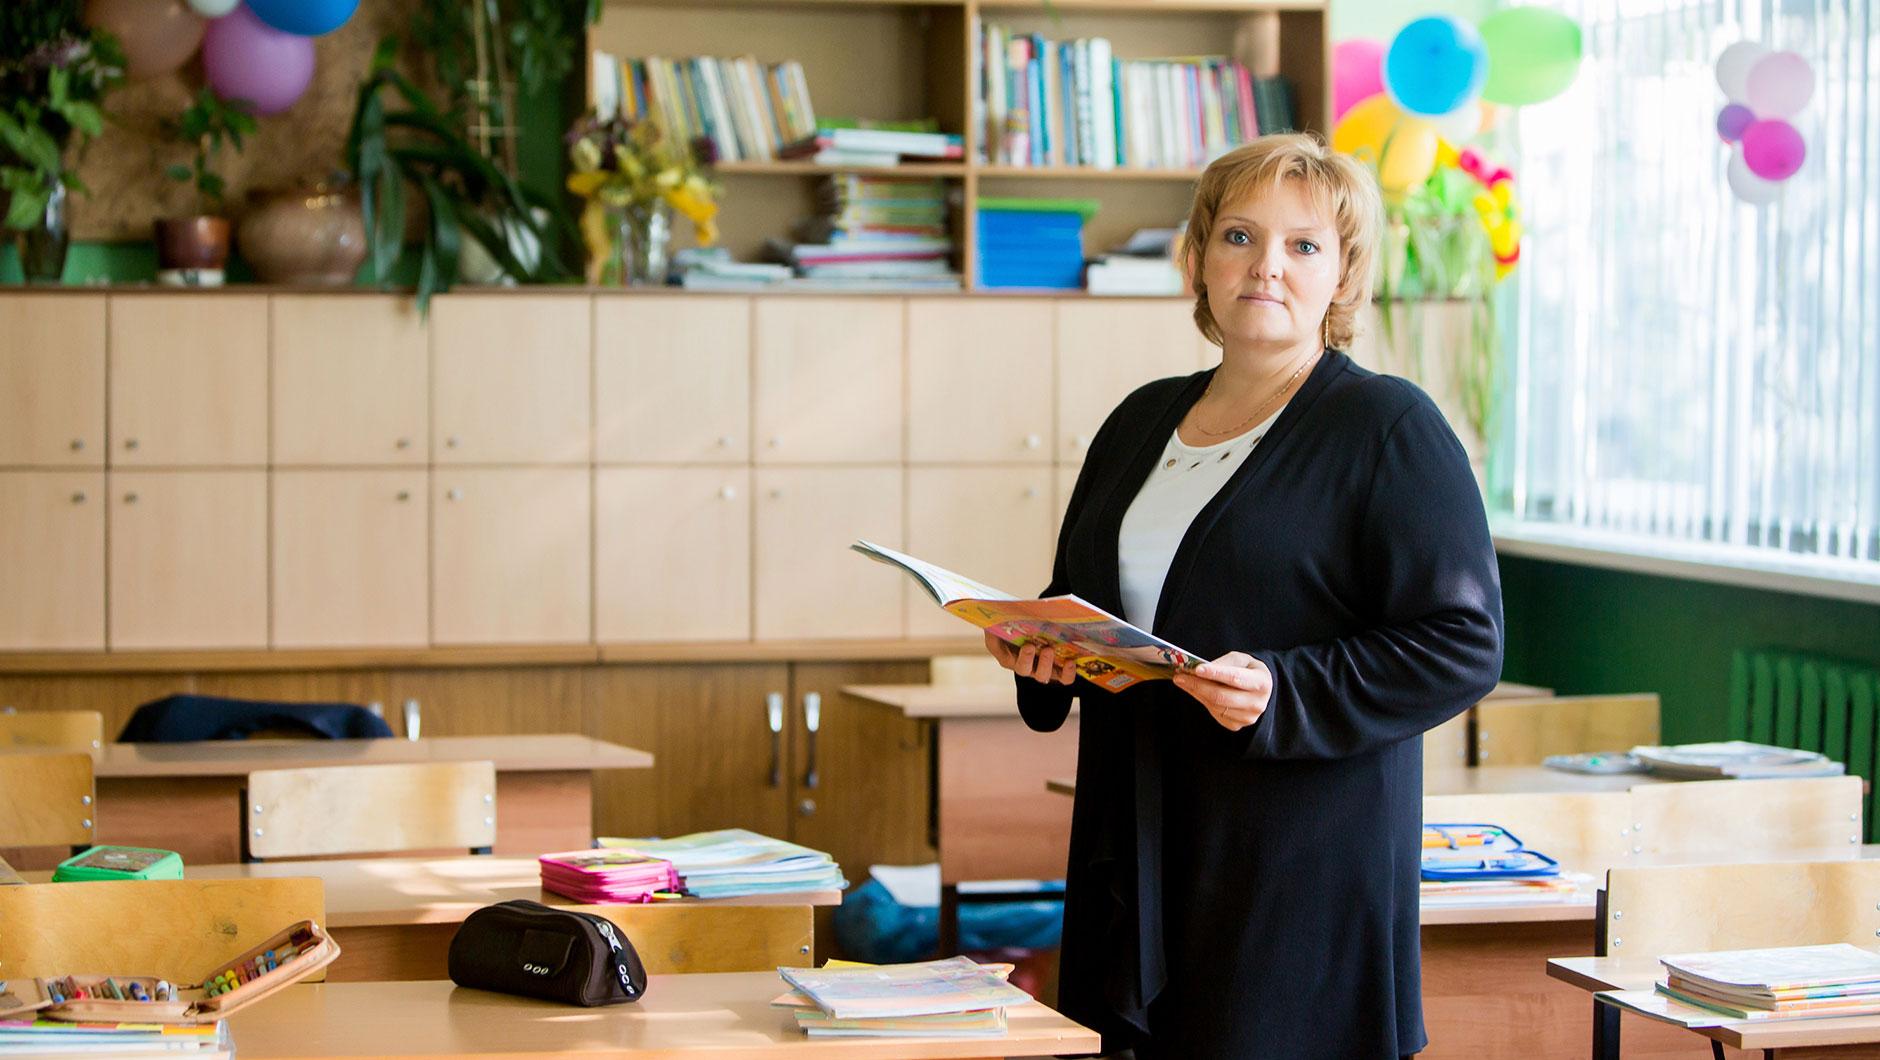 На 1 учителя в среднем приходится 9 учеников (11 - в городской школе и 5 - в сельской). В прошлом учебном году были такие же цифры